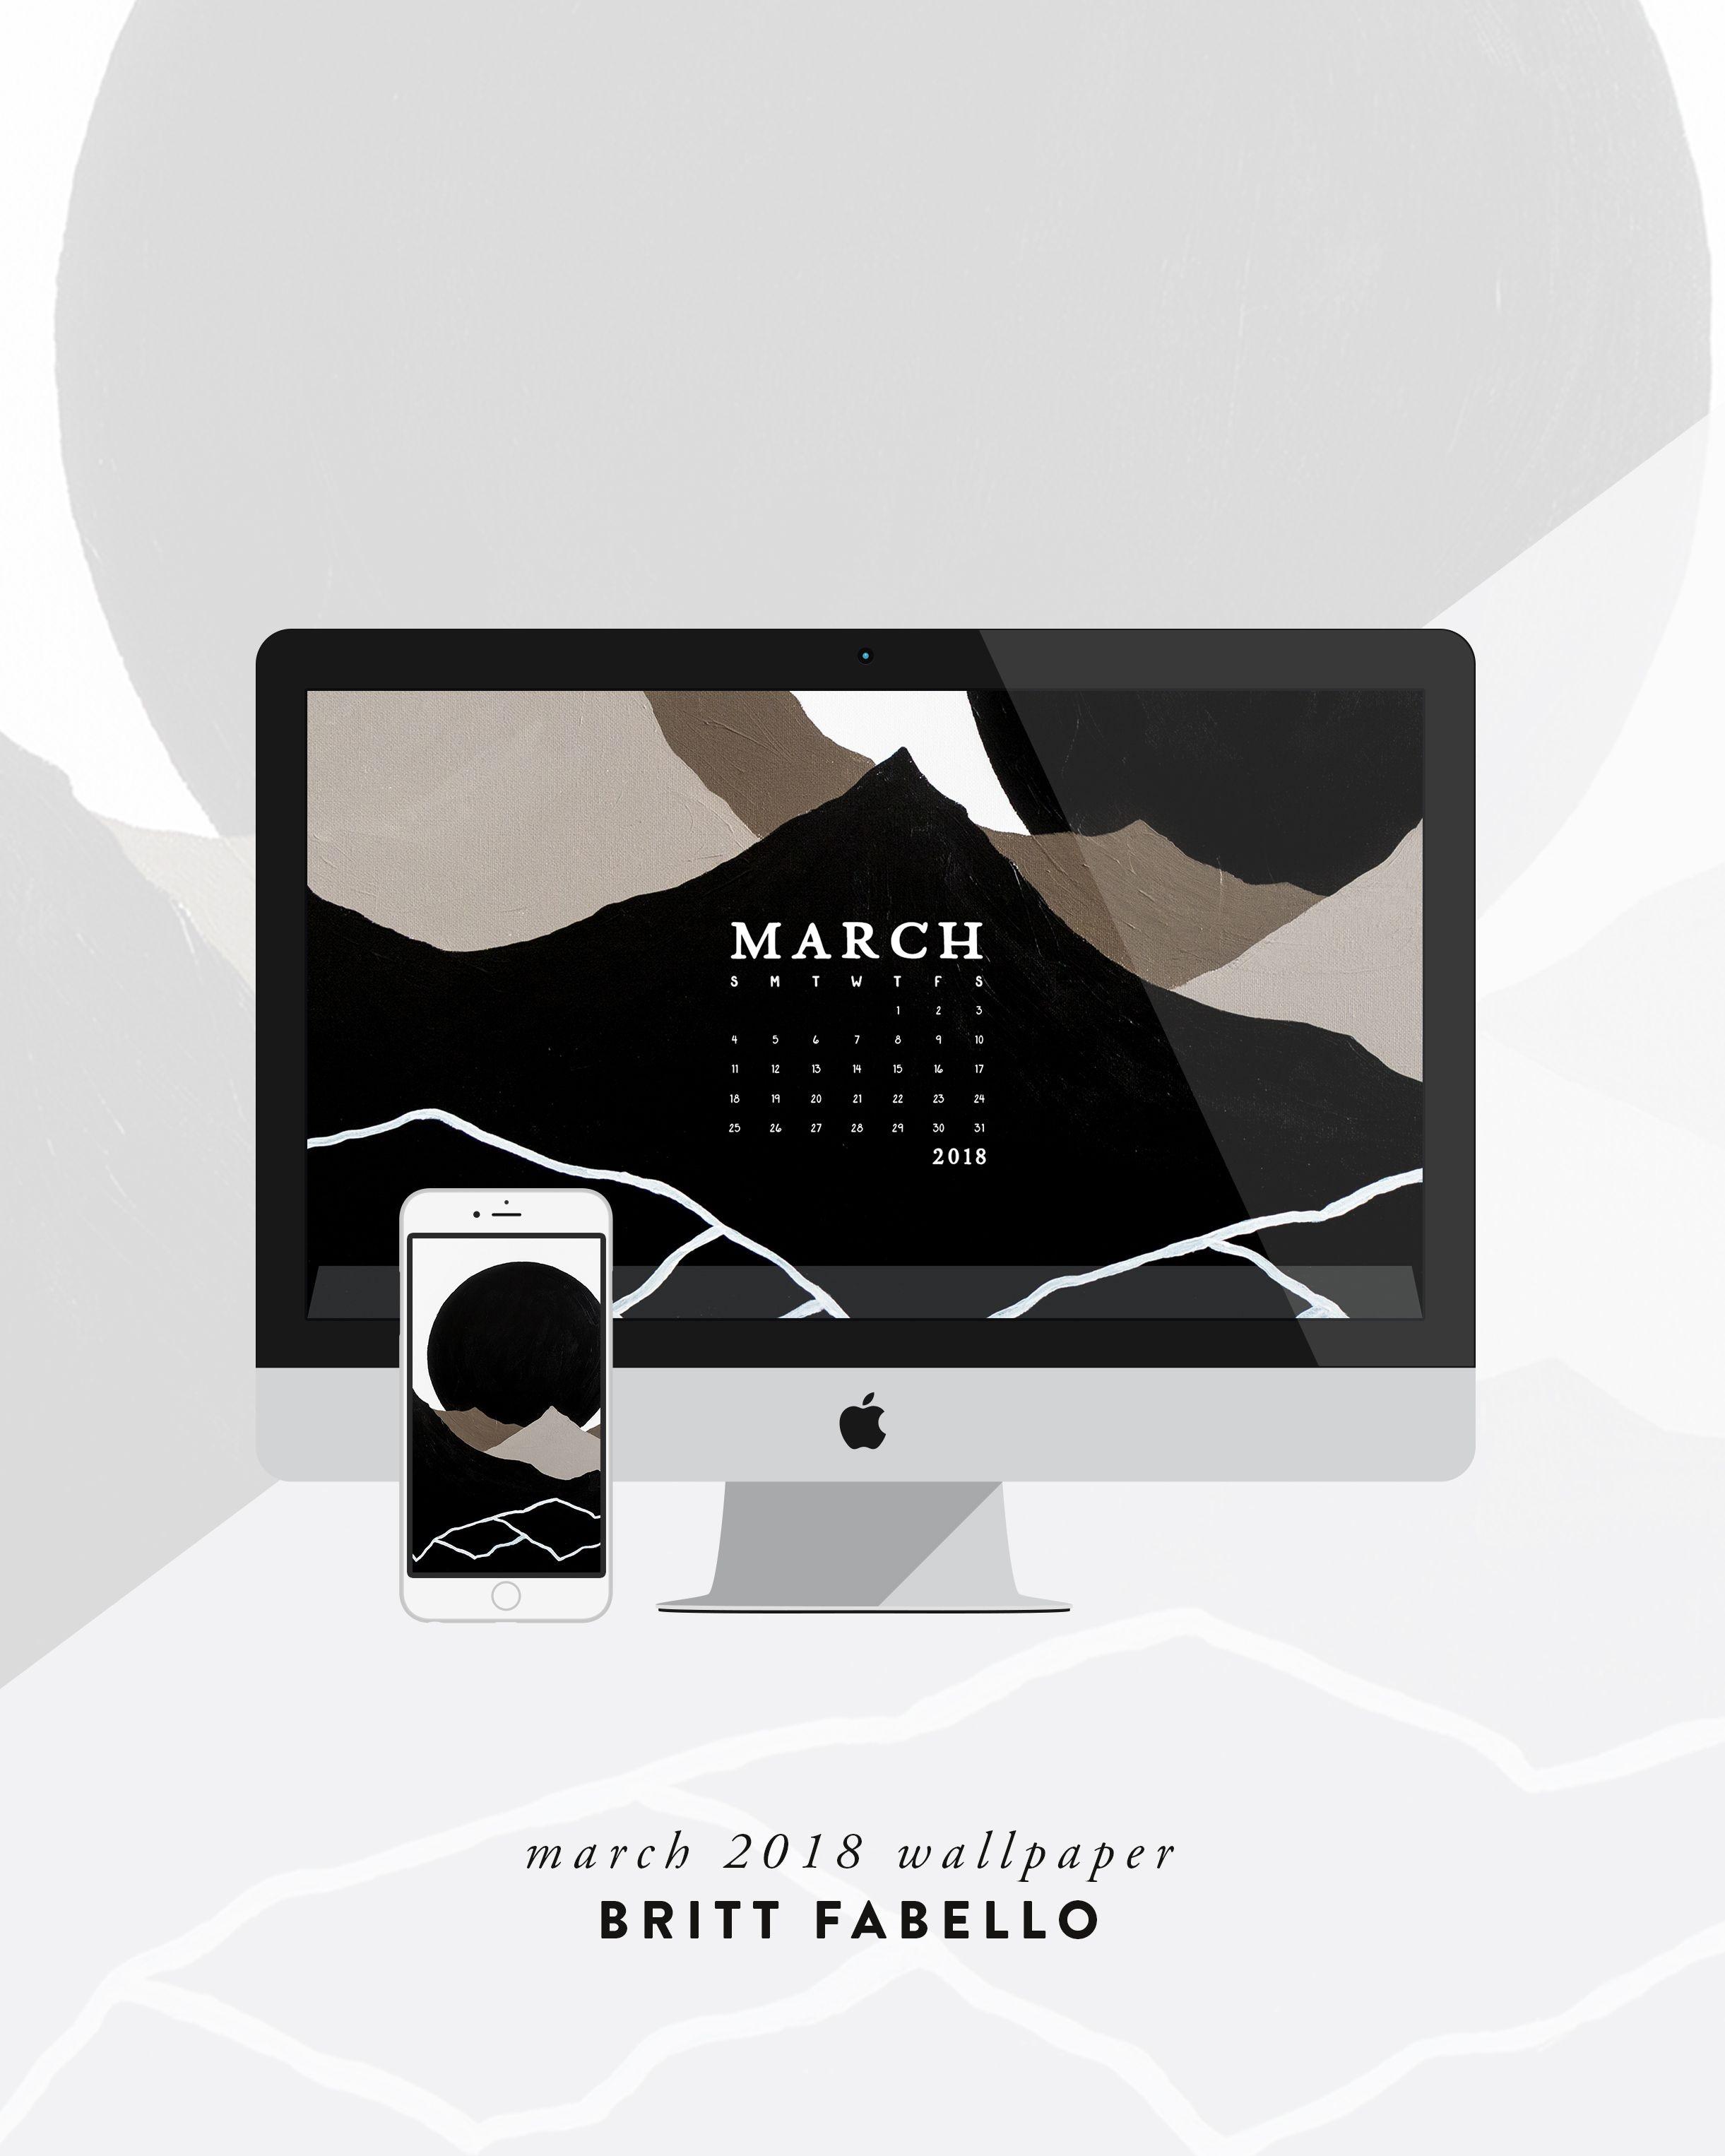 March 2018 Desktop Wallpaper by Britt Fabello Desktop Calendar Calendar Wallpaper March Desktop